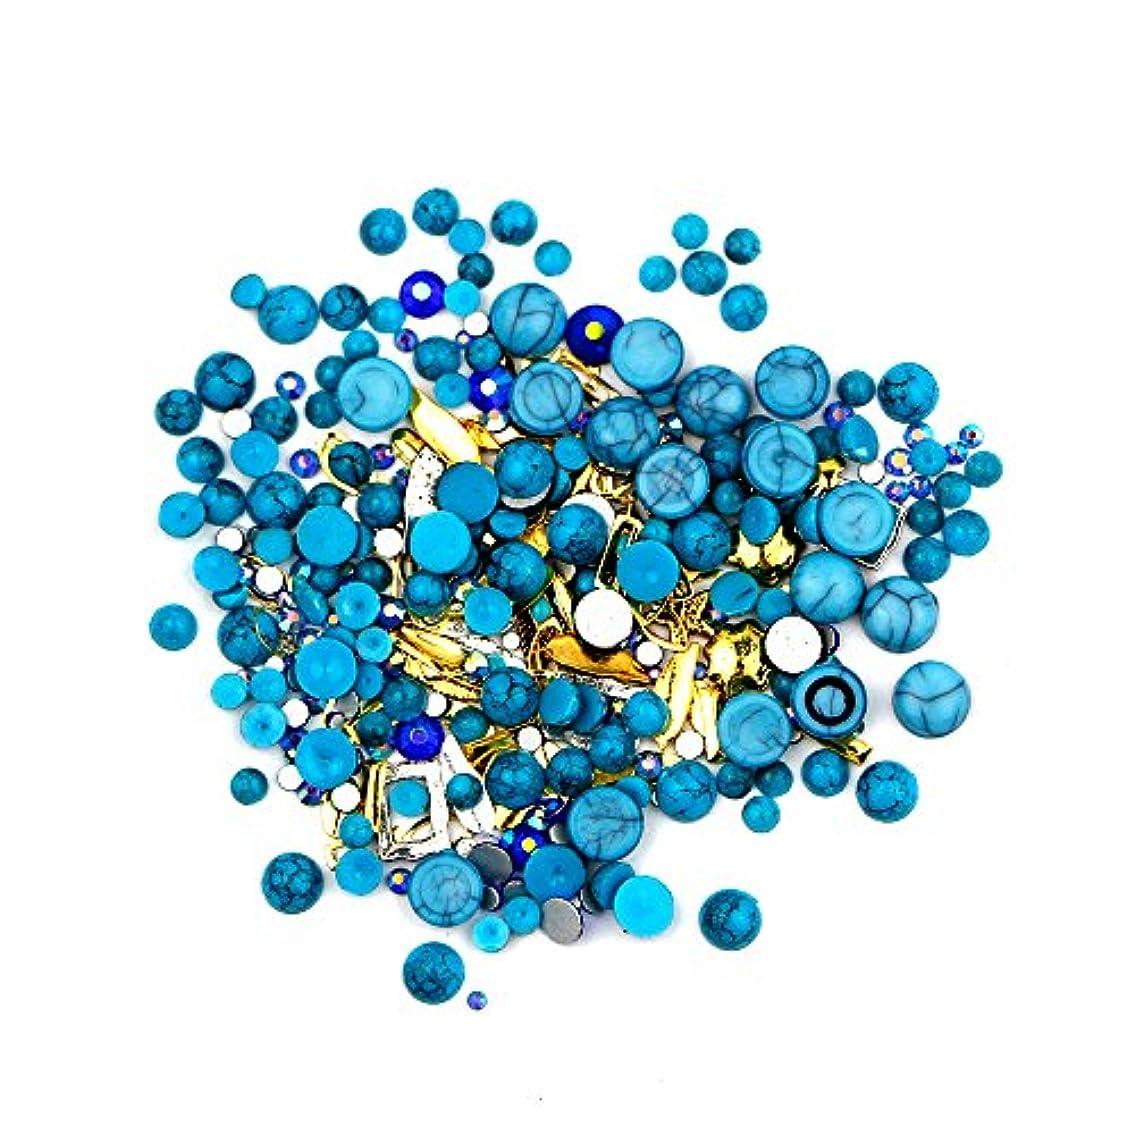 反逆遺伝子危険なネイルアート カラフルネイルパール ネイルセット ネイル3Dデコレーション ネイル用ストーン 多種類